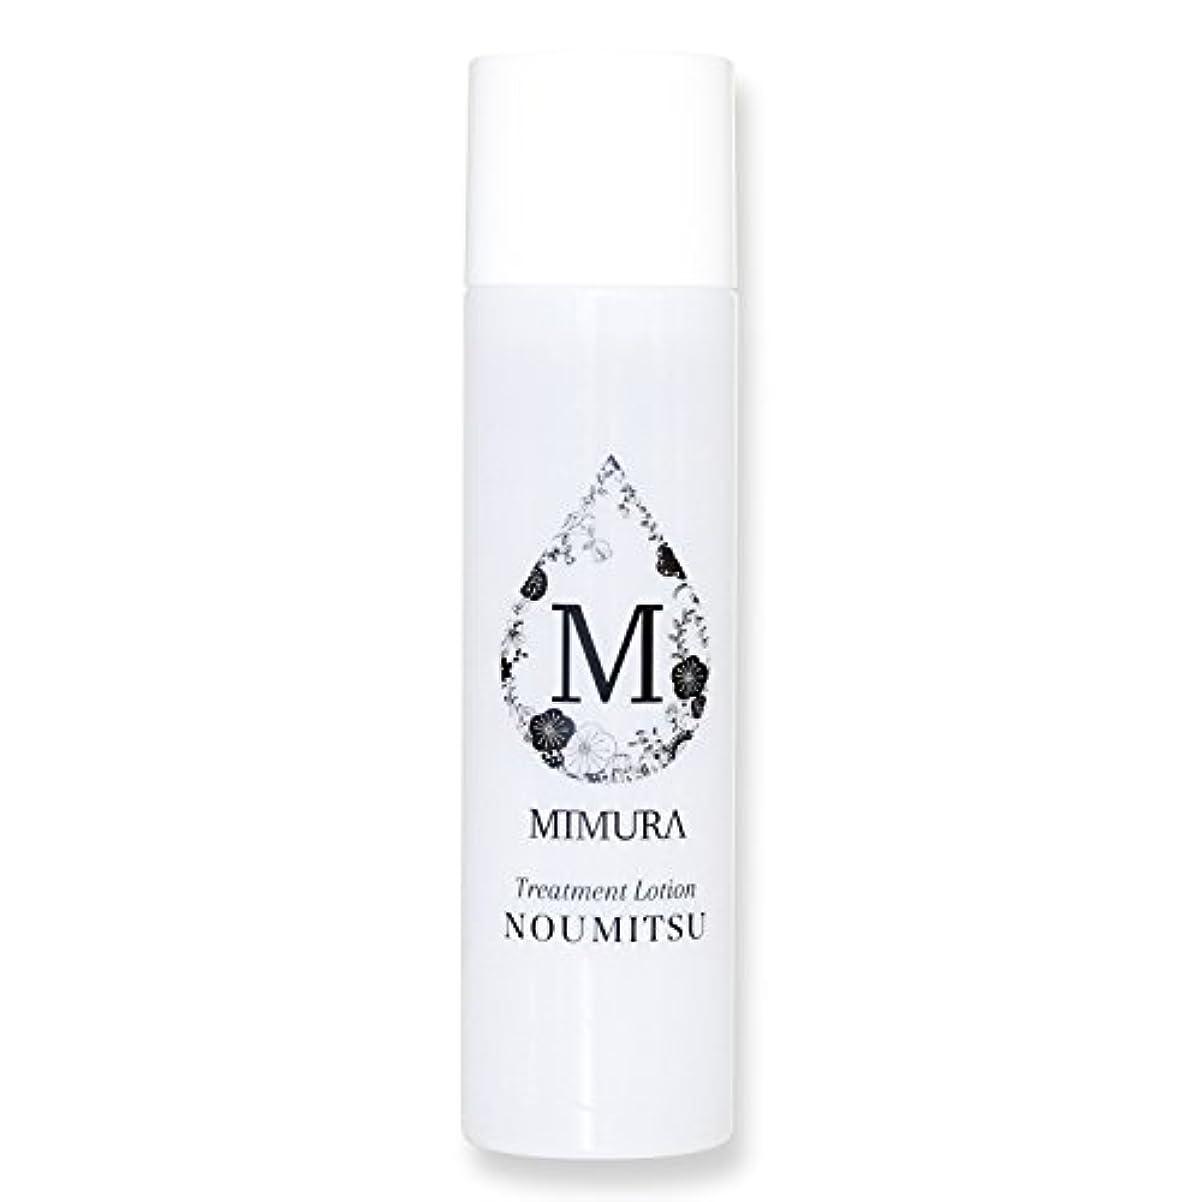 才能市長株式化粧水 乾燥肌 うるおい 送料無料 ミムラ トリートメントローション NOUMITSU MIMURA 日本製